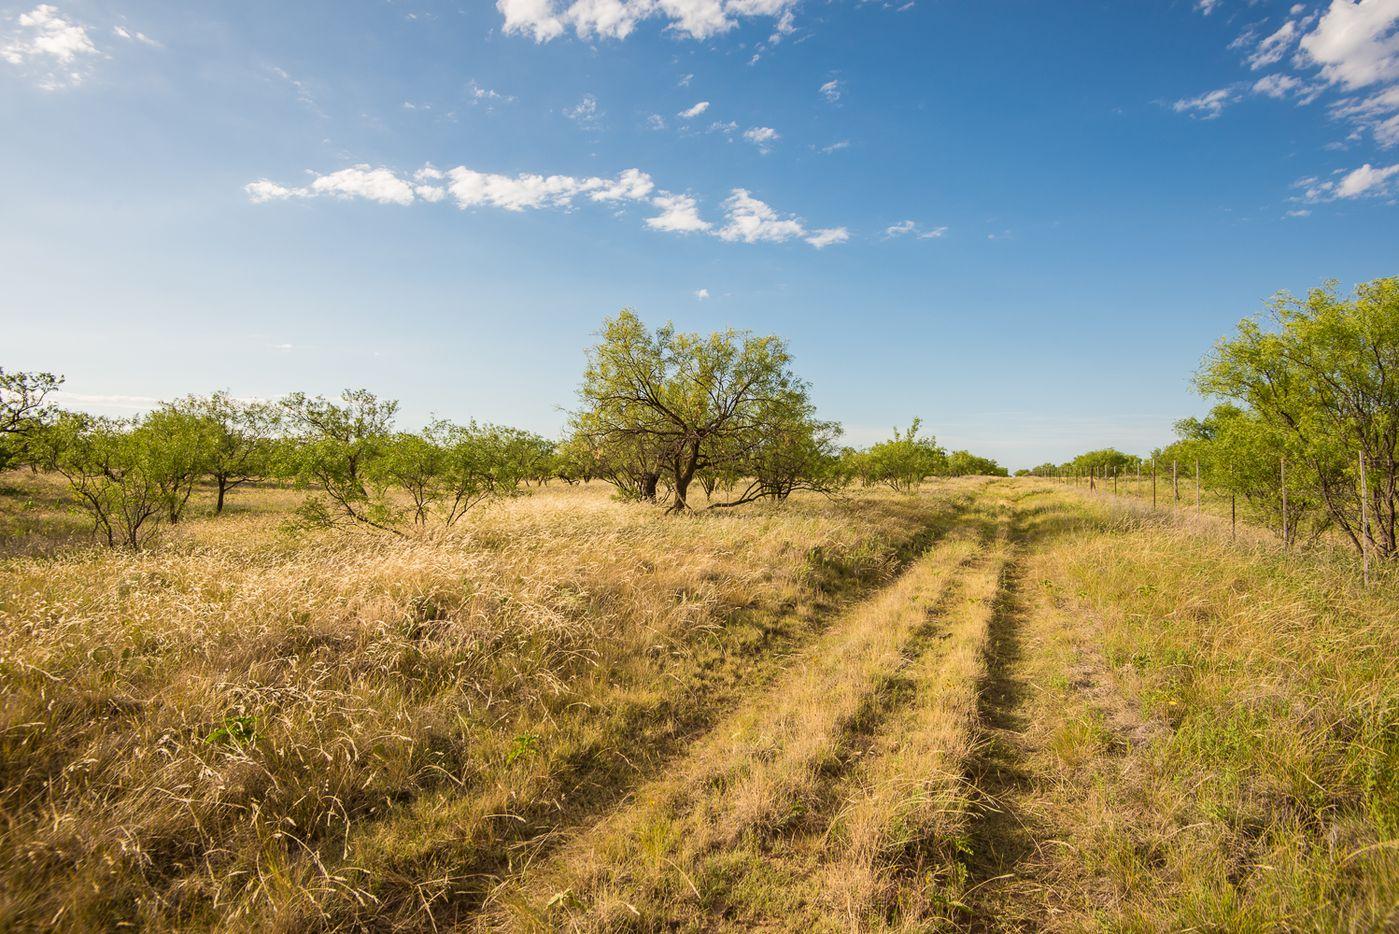 The Comanche Crest Ranch is near Throckmorton.